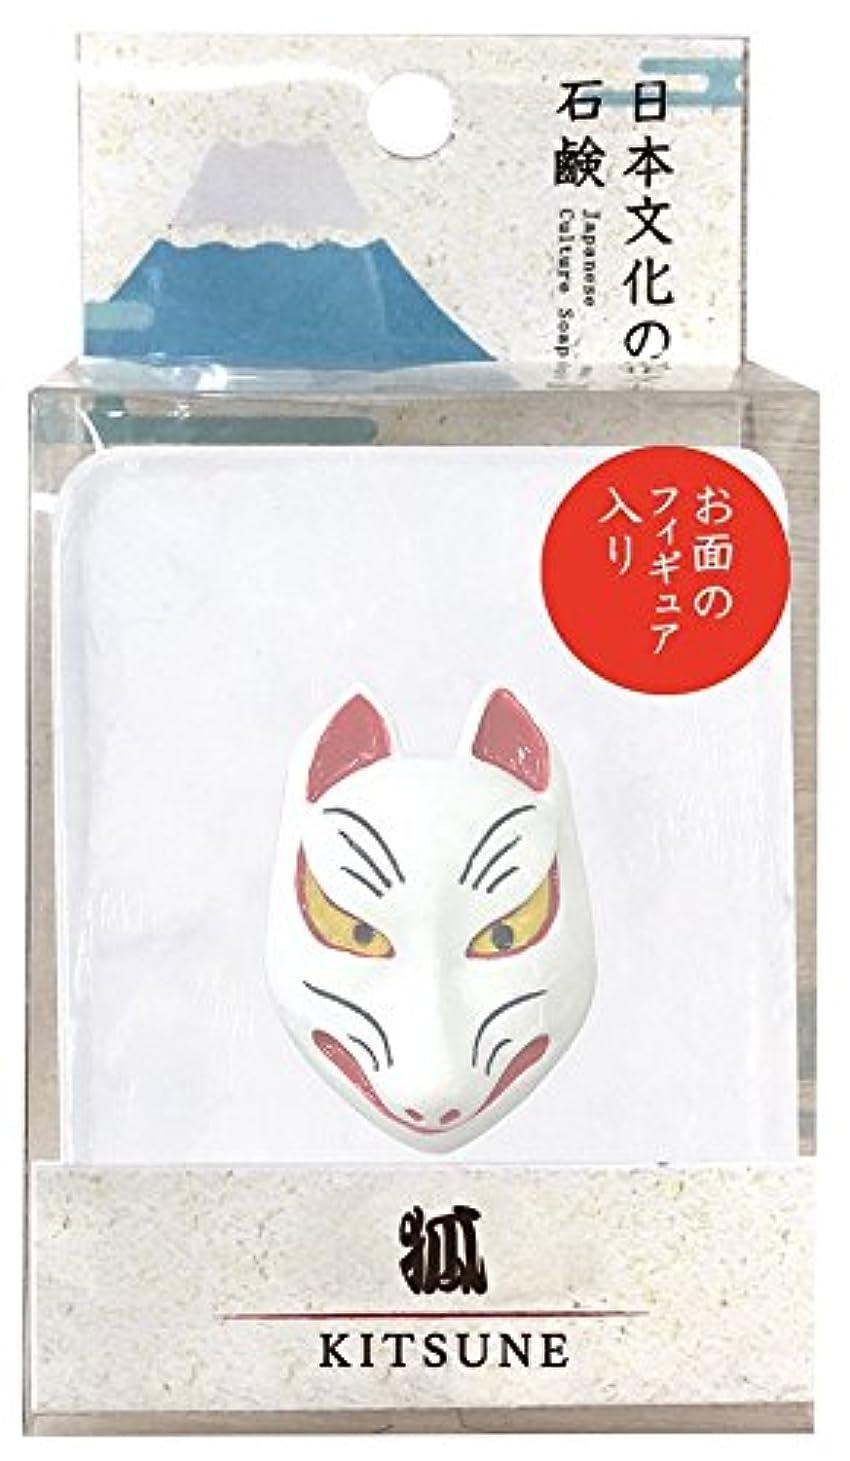 切り刻む引き出し文明化ノルコーポレーション 石鹸 日本文化の石鹸 狐 140g フィギュア付き OB-JCP-1-3